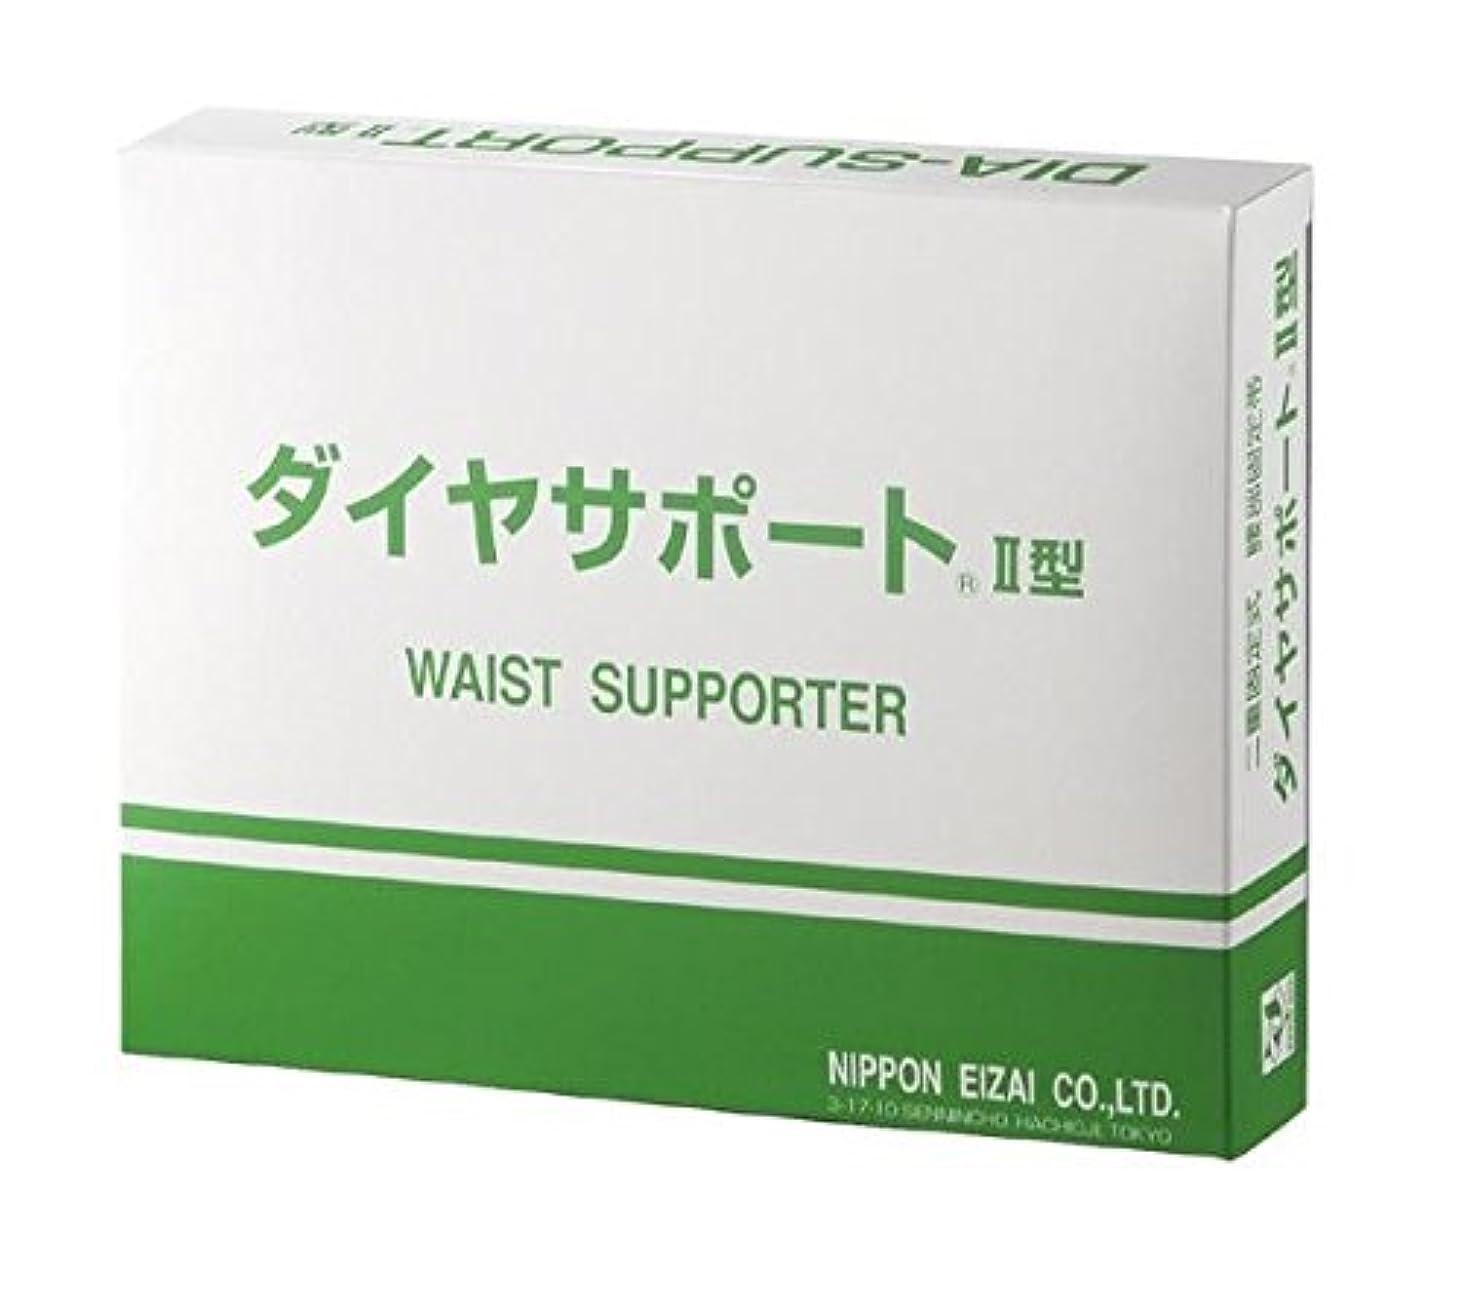 お悲しいことにスペード日本衛材 腰部固定帯ダイヤサポートII型 4L 110cm~120cm 1個 566